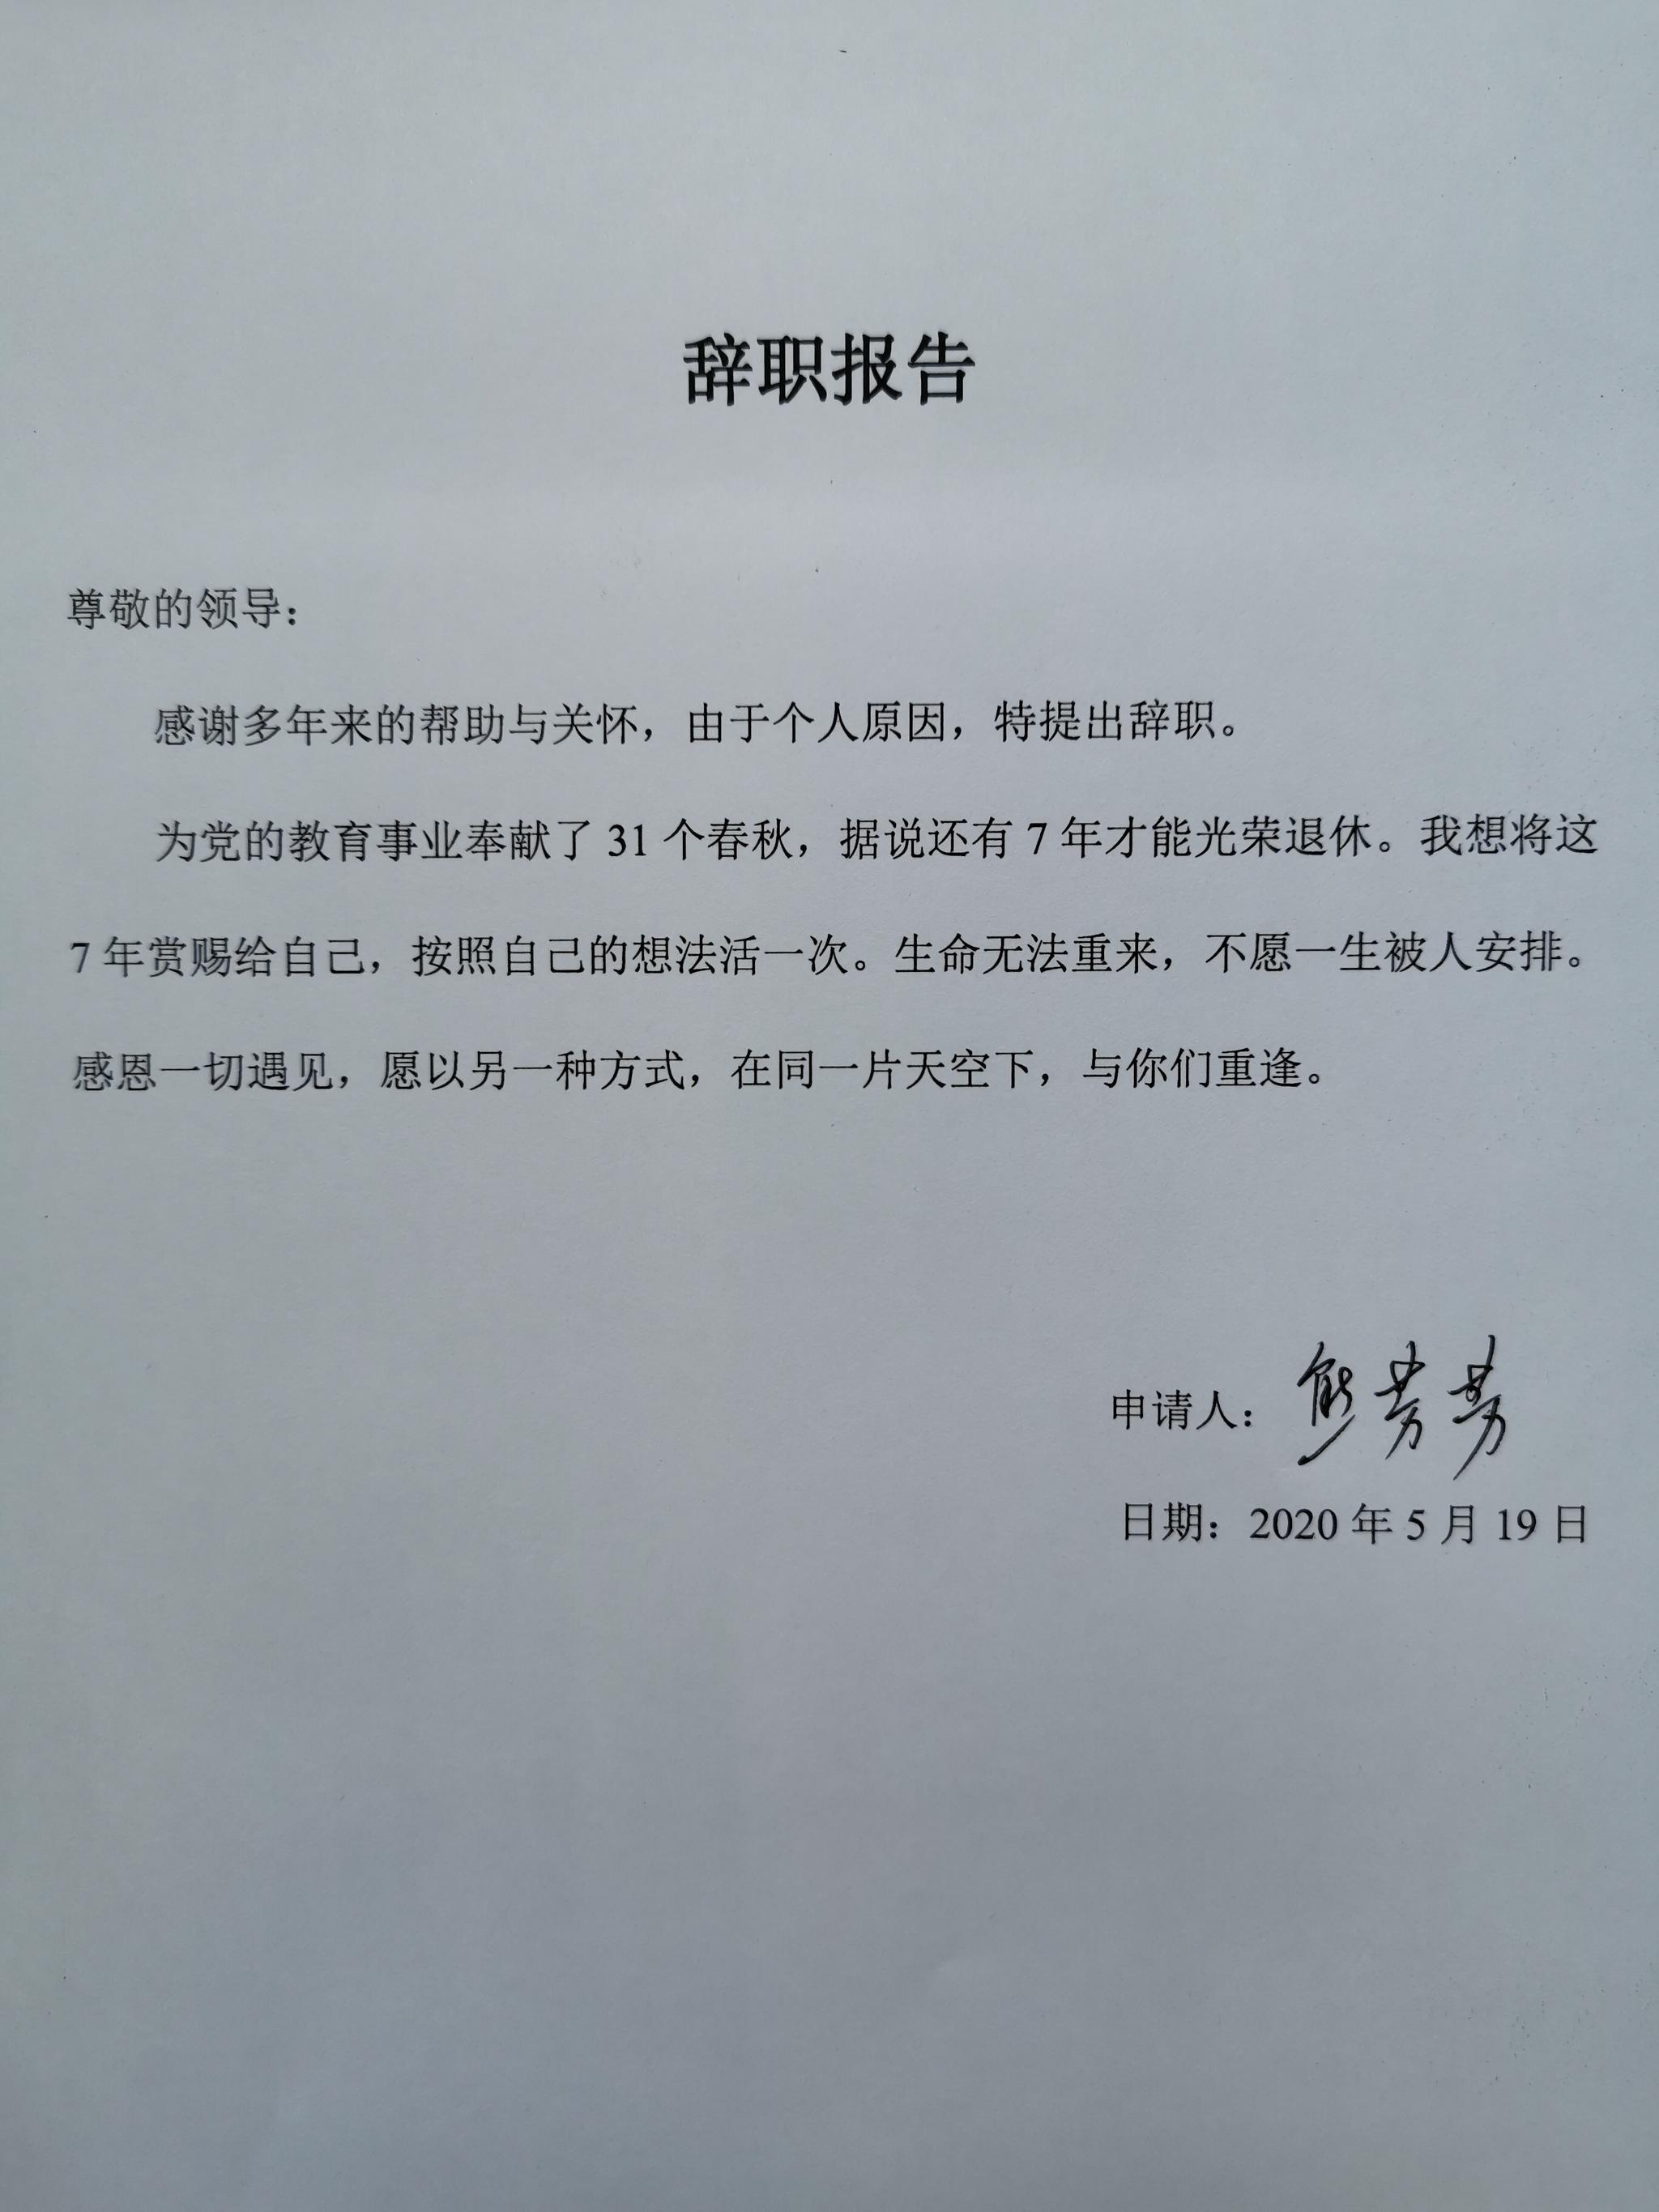 辞职走红的教师熊芳芳:剩下七年退休留给自己